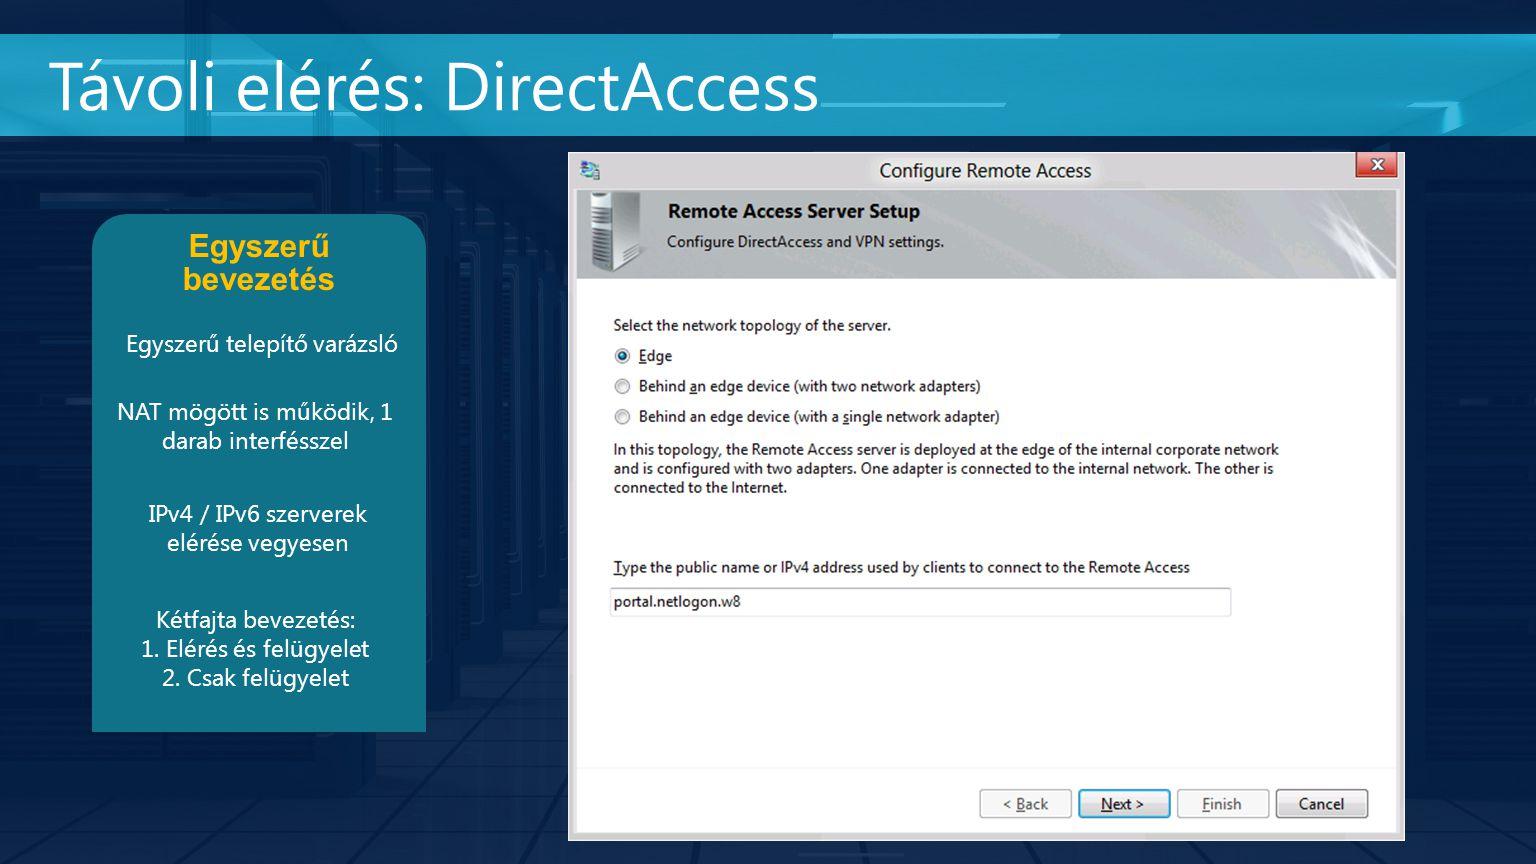 Guest NUMA támogatás Dinamikus memória kezelés változása PVLAN támogatás Datacenter Bridging SR-IOV Működés közben pillanatfelvéltel visszaolvasztása VHD tárolás SMB 3.0 –képes fájlkiszolgálón Online MetaOperations Live VHD Merge Live New Parent Native 4K Disk Support Offloaded Data Transfer (ODX) SMB Direct Amiről nem volt szó...